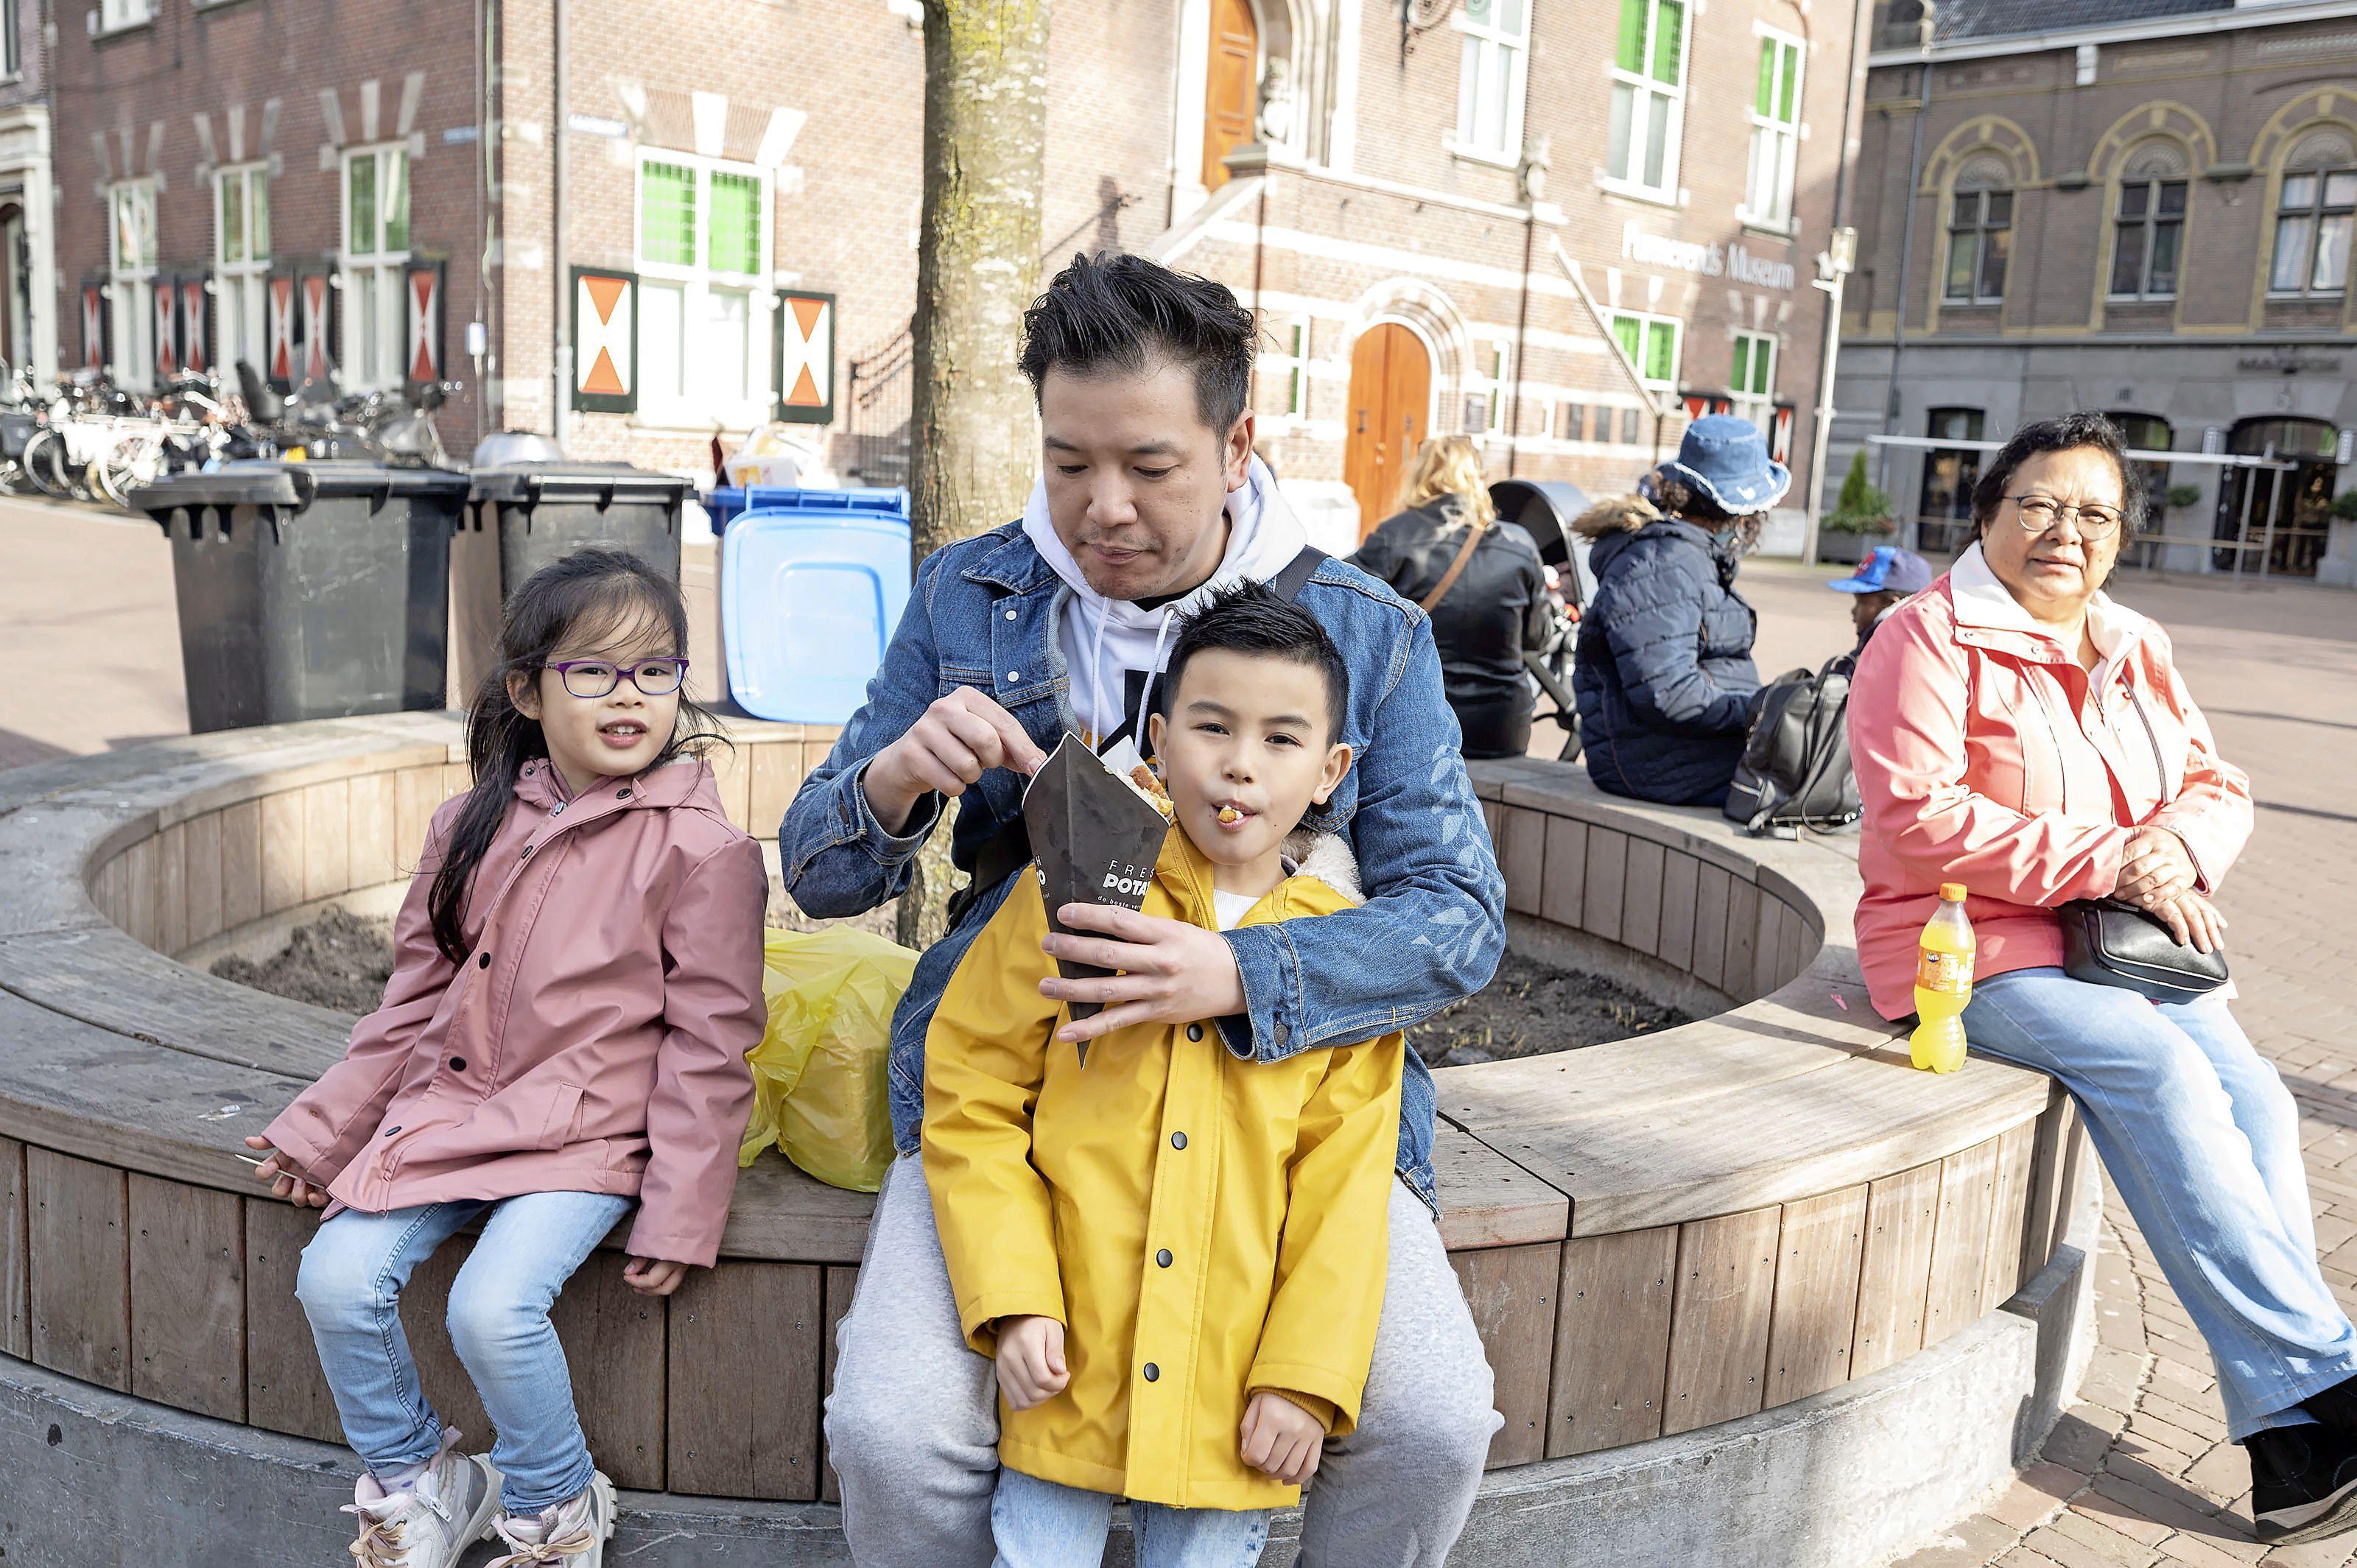 Wel naar de kapper, maar nog geen terrasje pakken, horecaondernemer Zaanse Schans vreest grote drukte bij afhaalloket: 'Terras kan juist bijdragen aan veiligheid'